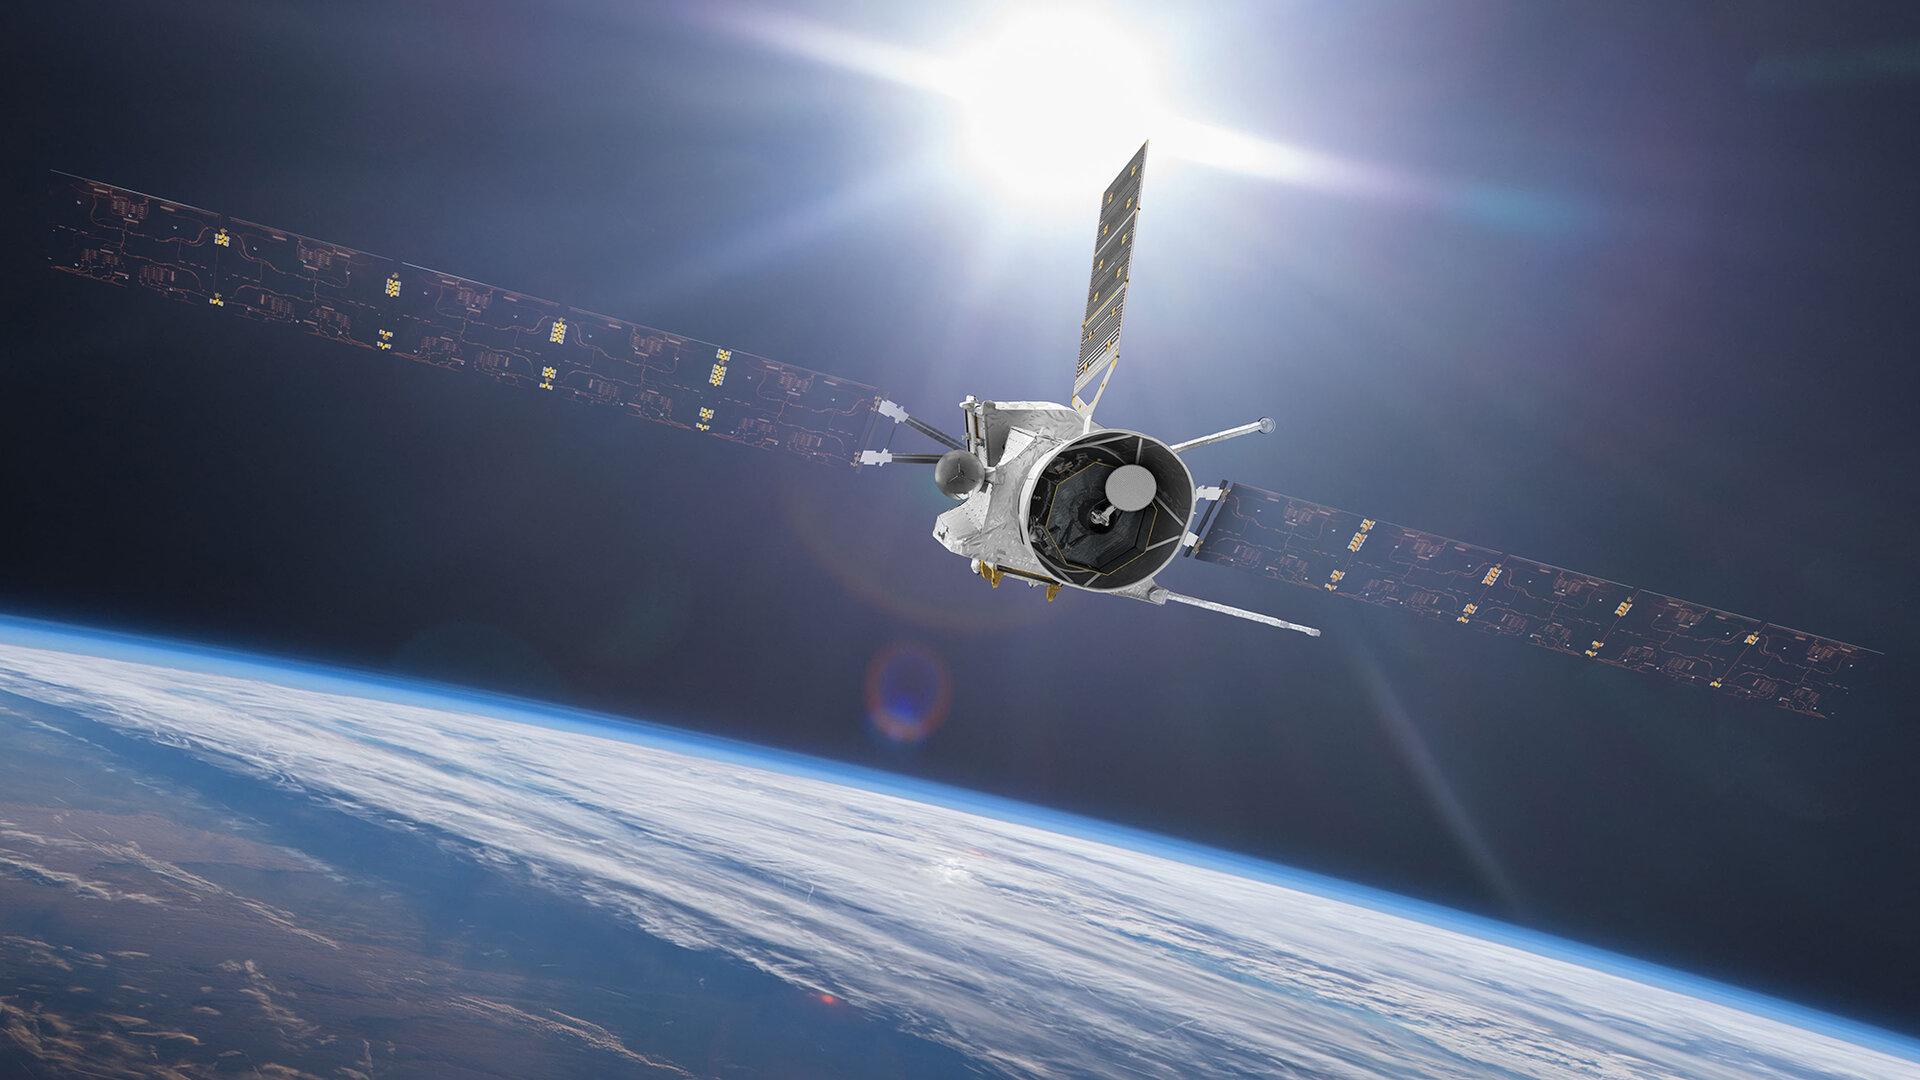 ASI - BepiColombo saluta la Terra: primo flyby planetario